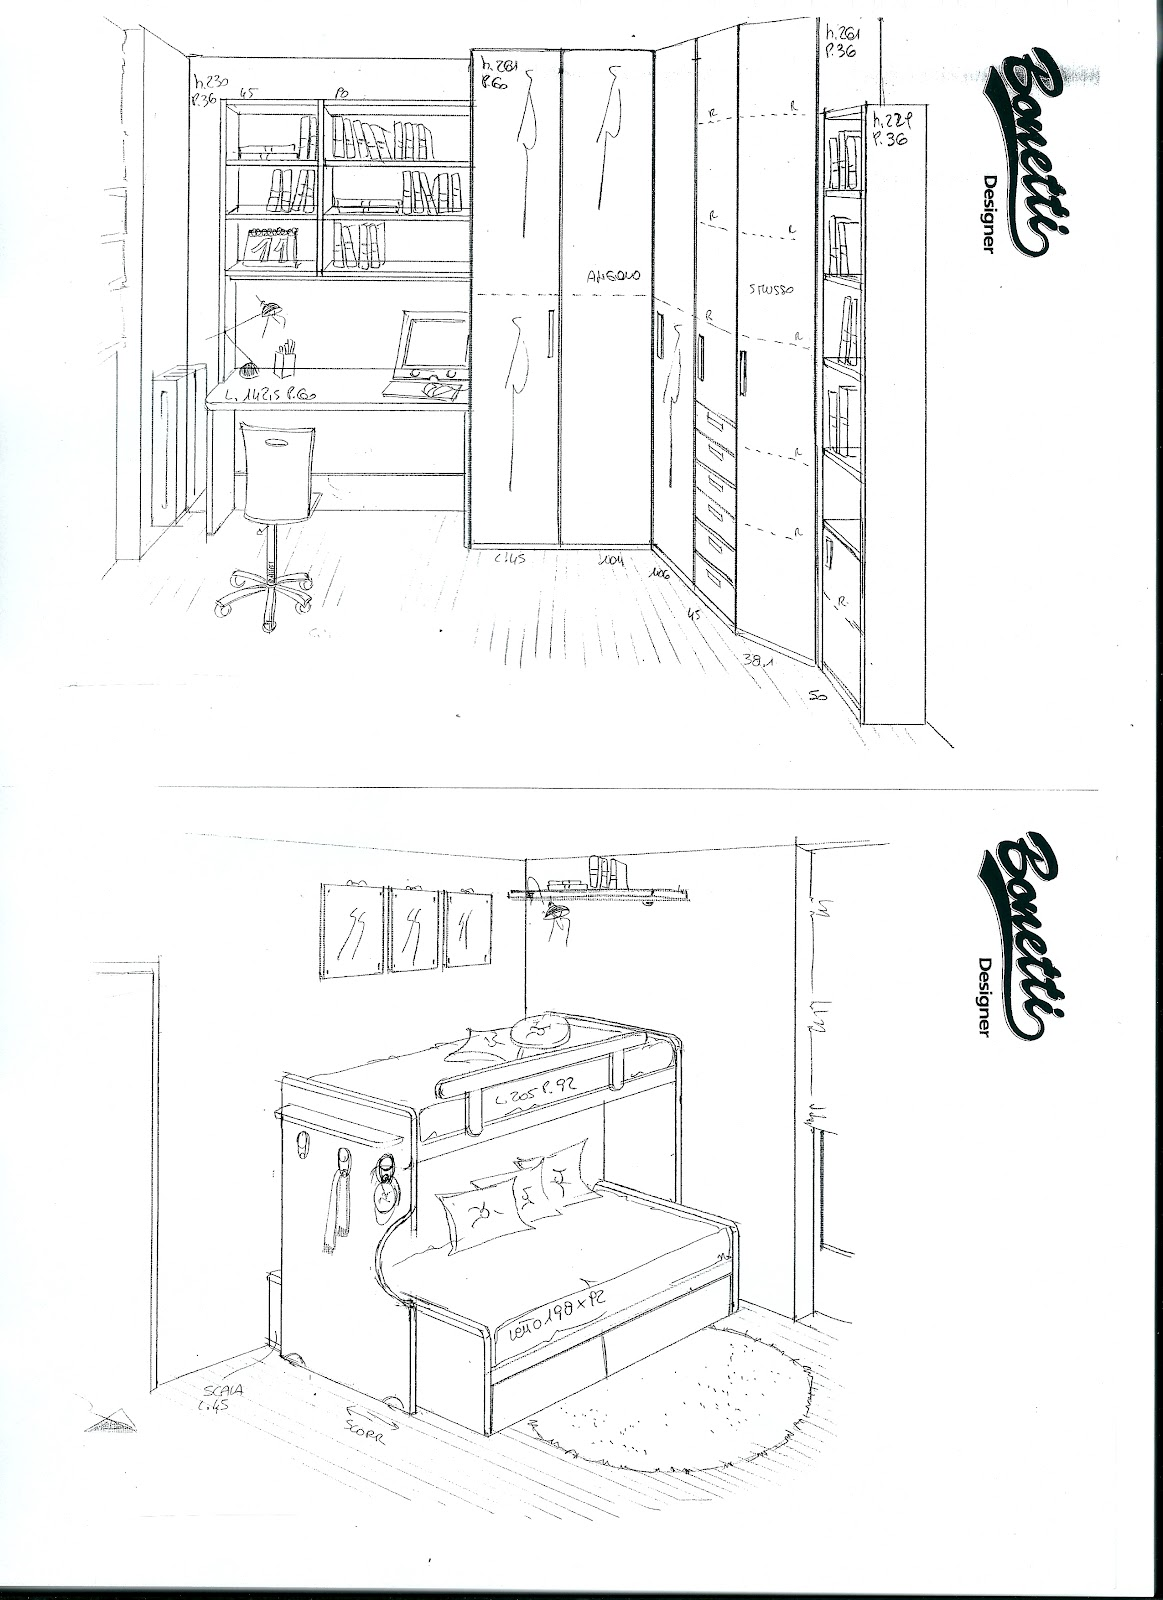 BONETTI CAMERETTE BONETTI BEDROOMS: CAMERETTE PER BAMBINI